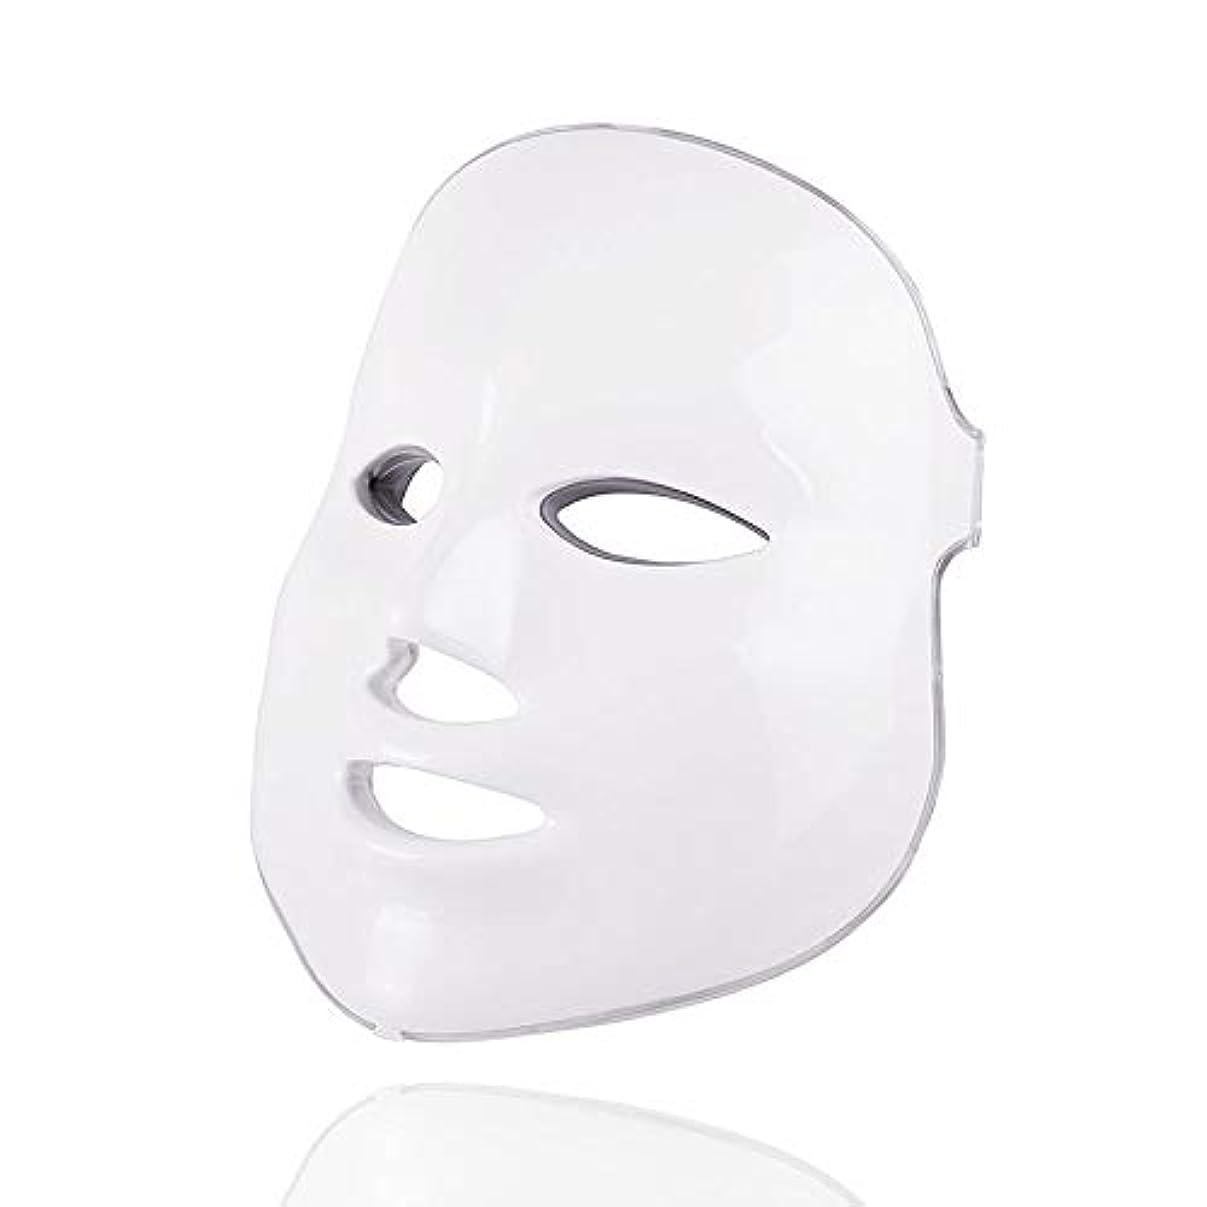 アナリスト戦闘利点7色美容療法光子、ledフェイシャルマスクライトスキンケア若返りしわにきび除去顔美容スパ楽器